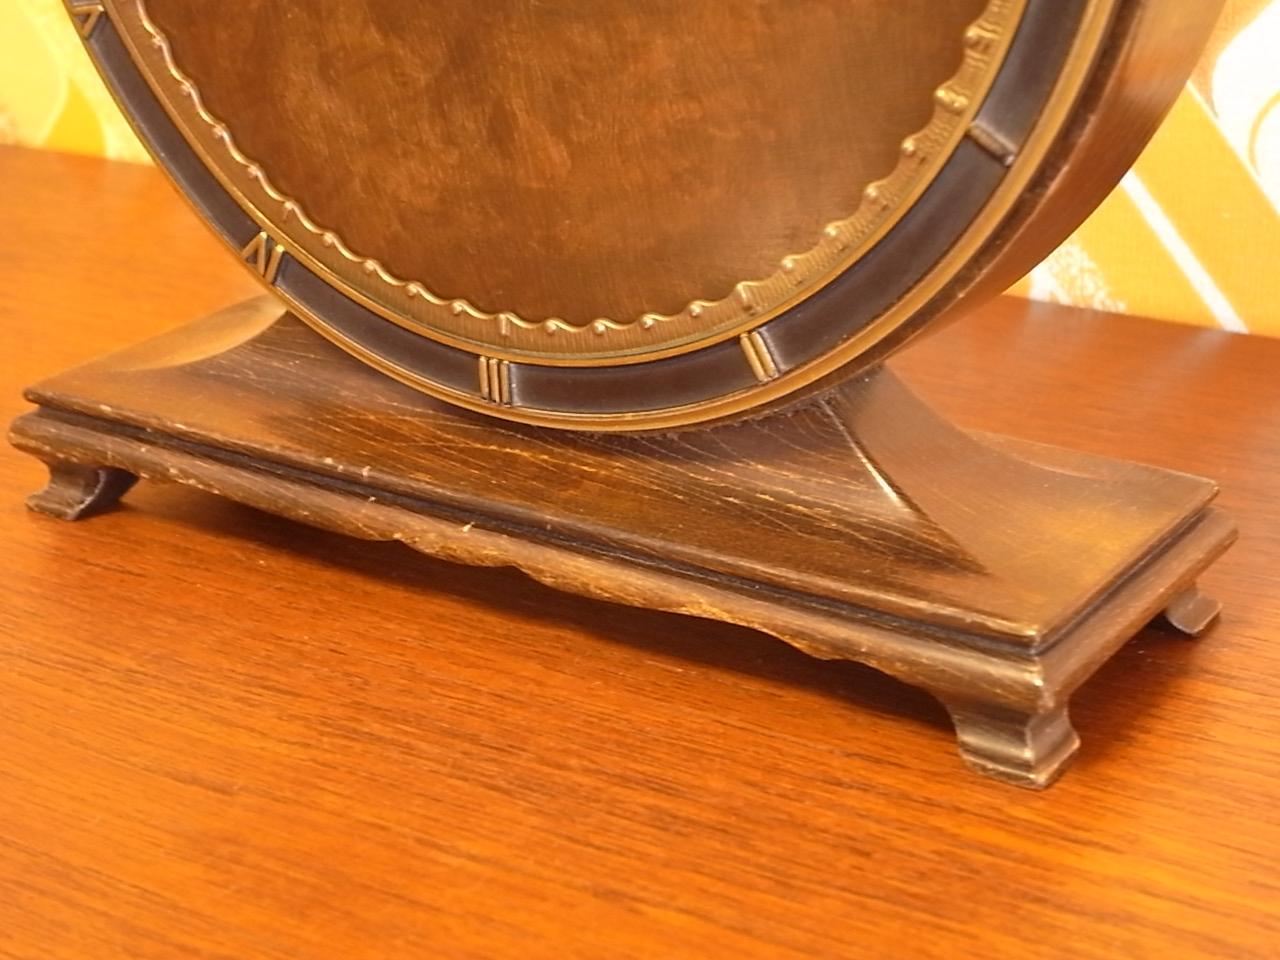 キンツレ アールデコ 木製クロック 1930年代の写真5枚目